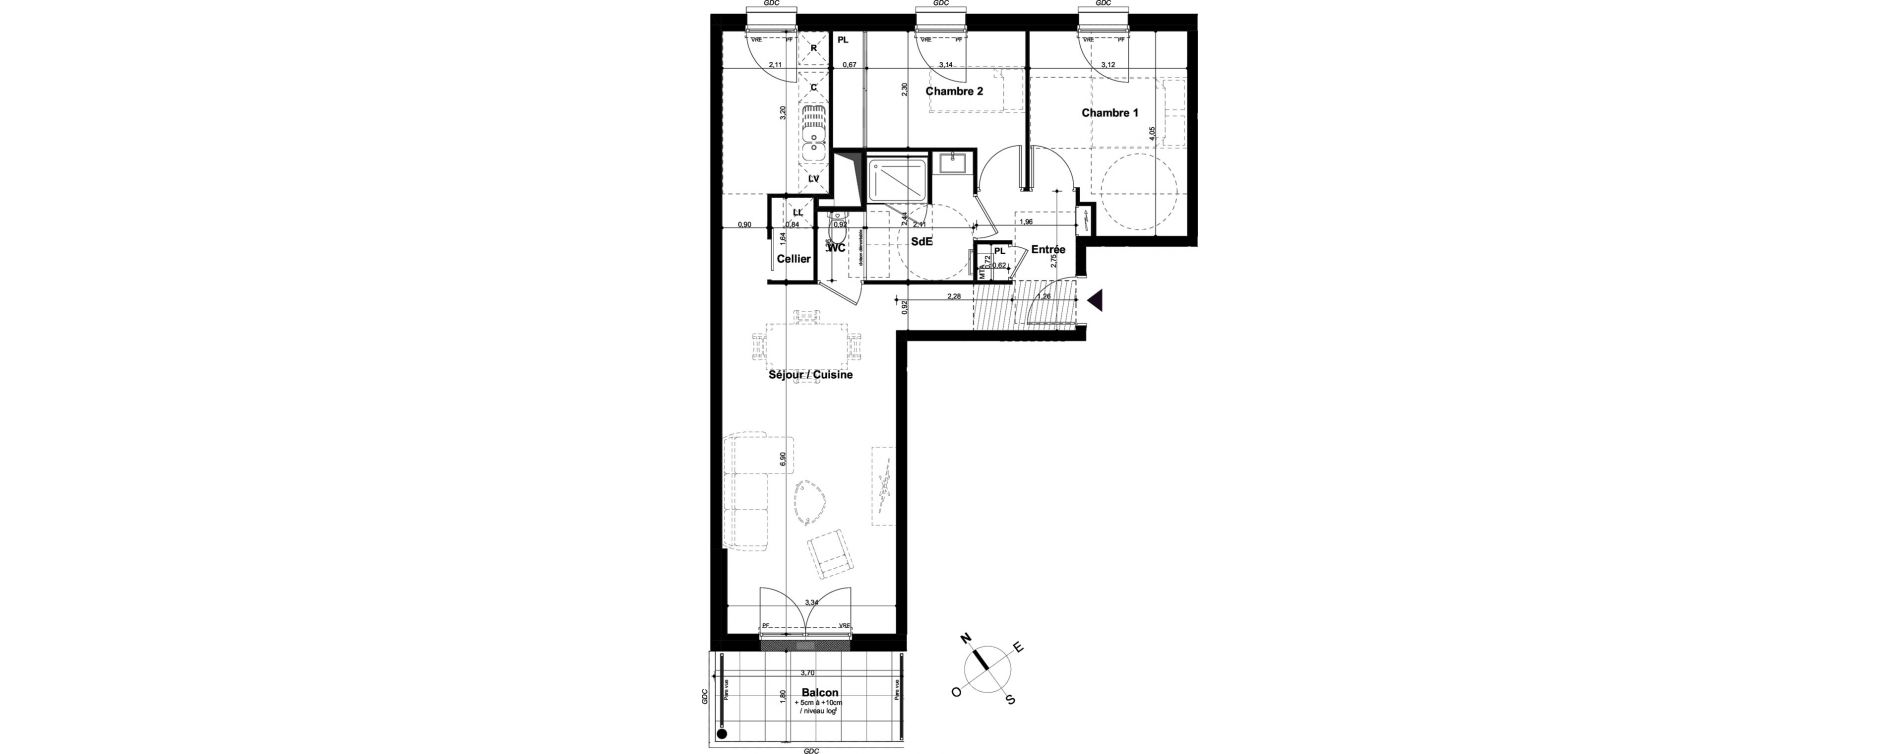 Appartement T3 de 67,49 m2 à Angers Hauts de saint-aubin